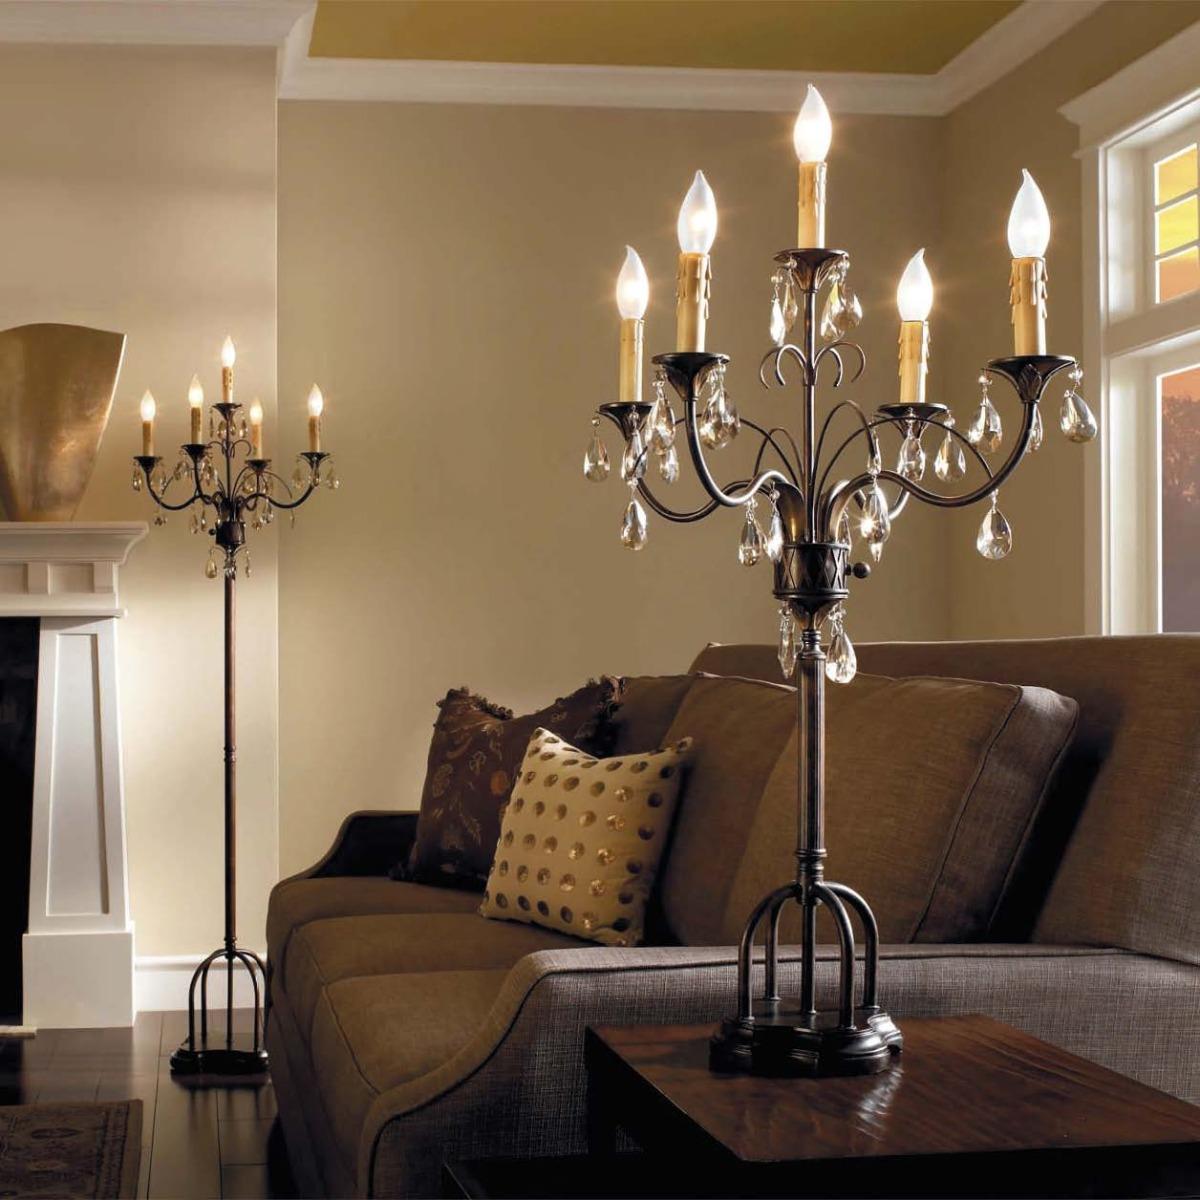 candle - Лайфхаки: как преобразить комнату с помощью света